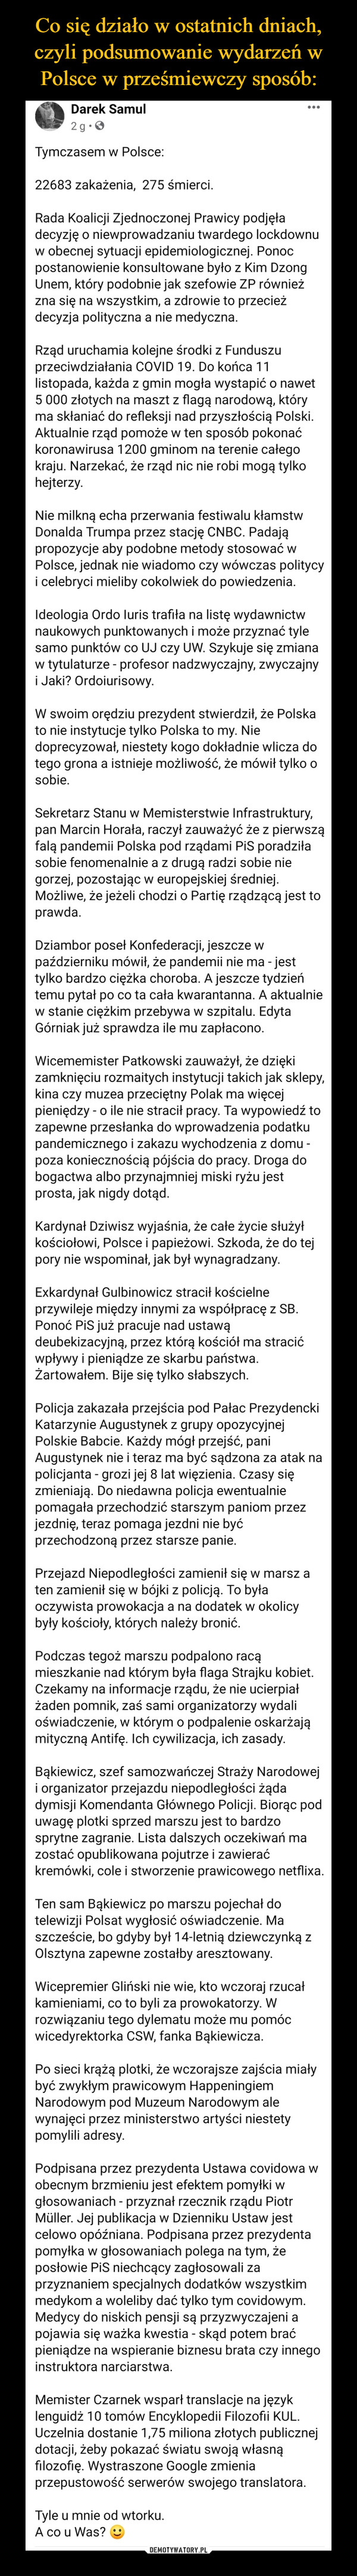 –  Darek Samul2 tSngSposounnhdzlso.rnedu  · Tymczasem w Polsce:22683 zakażenia,  275 śmierci.Rada Koalicji Zjednoczonej Prawicy podjęła decyzję o niewprowadzaniu twardego lockdownu w obecnej sytuacji epidemiologicznej. Ponoc postanowienie konsultowane było z Kim Dzong Unem, który podobnie jak szefowie ZP również zna się na wszystkim, a zdrowie to przecież decyzja polityczna a nie medyczna.Rząd uruchamia kolejne środki z Funduszu przeciwdziałania COVID 19. Do końca 11 listopada, każda z gmin mogła wystapić o nawet 5 000 złotych na maszt z flagą narodową, który ma skłaniać do refleksji nad przyszłością Polski. Aktualnie rząd pomoże w ten sposób pokonać koronawirusa 1200 gminom na terenie całego kraju. Narzekać, że rząd nic nie robi mogą tylko hejterzy.Nie milkną echa przerwania festiwalu kłamstw Donalda Trumpa przez stację CNBC. Padają propozycje aby podobne metody stosować w Polsce, jednak nie wiadomo czy wówczas politycy i celebryci mieliby cokolwiek do powiedzenia.Ideologia Ordo Iuris trafiła na listę wydawnictw naukowych punktowanych i może przyznać tyle samo punktów co UJ czy UW. Szykuje się zmiana w tytulaturze - profesor nadzwyczajny, zwyczajny i Jaki? Ordoiurisowy.W swoim orędziu prezydent stwierdził, że Polska to nie instytucje tylko Polska to my. Nie doprecyzował, niestety kogo dokładnie wlicza do tego grona a istnieje możliwość, że mówił tylko o sobie.Sekretarz Stanu w Memisterstwie Infrastruktury, pan Marcin Horała, raczył zauważyć że z pierwszą falą pandemii Polska pod rządami PiS poradziła sobie fenomenalnie a z drugą radzi sobie nie gorzej, pozostając w europejskiej średniej. Możliwe, że jeżeli chodzi o Partię rządzącą jest to prawda.Dziambor poseł Konfederacji, jeszcze w październiku mówił, że pandemii nie ma - jest tylko bardzo ciężka choroba. A jeszcze tydzień temu pytał po co ta cała kwarantanna. A aktualnie w stanie ciężkim przebywa w szpitalu. Edyta Górniak już sprawdza ile mu zapłacono.Wicememister Patkowski zauważył, że dzięki zamknięciu rozmait